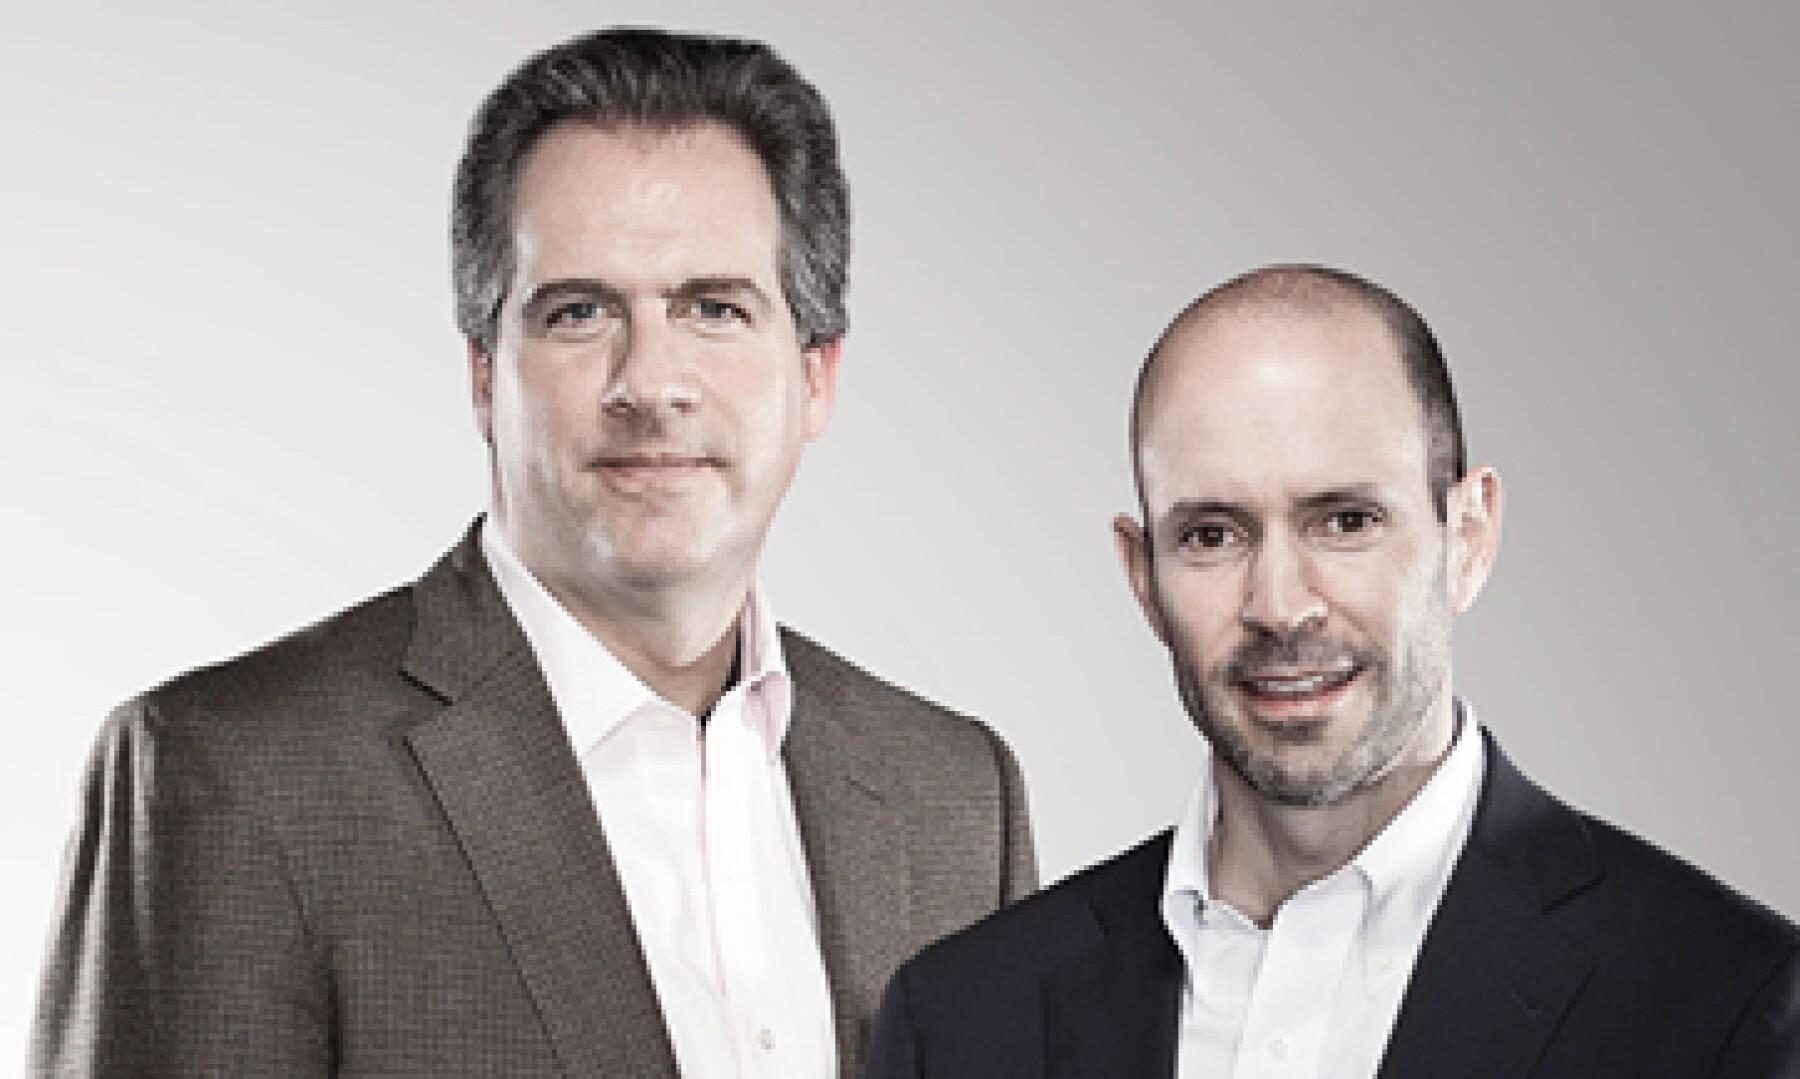 Carlos Labarthe y Carlos Danel son el cerebro y corazón de Grupo Compartamos. Ambos lideran el banco de microfinanzas bajo un modelo poco recomendado: la codirección. (Foto: Fernando Montiel Klint)